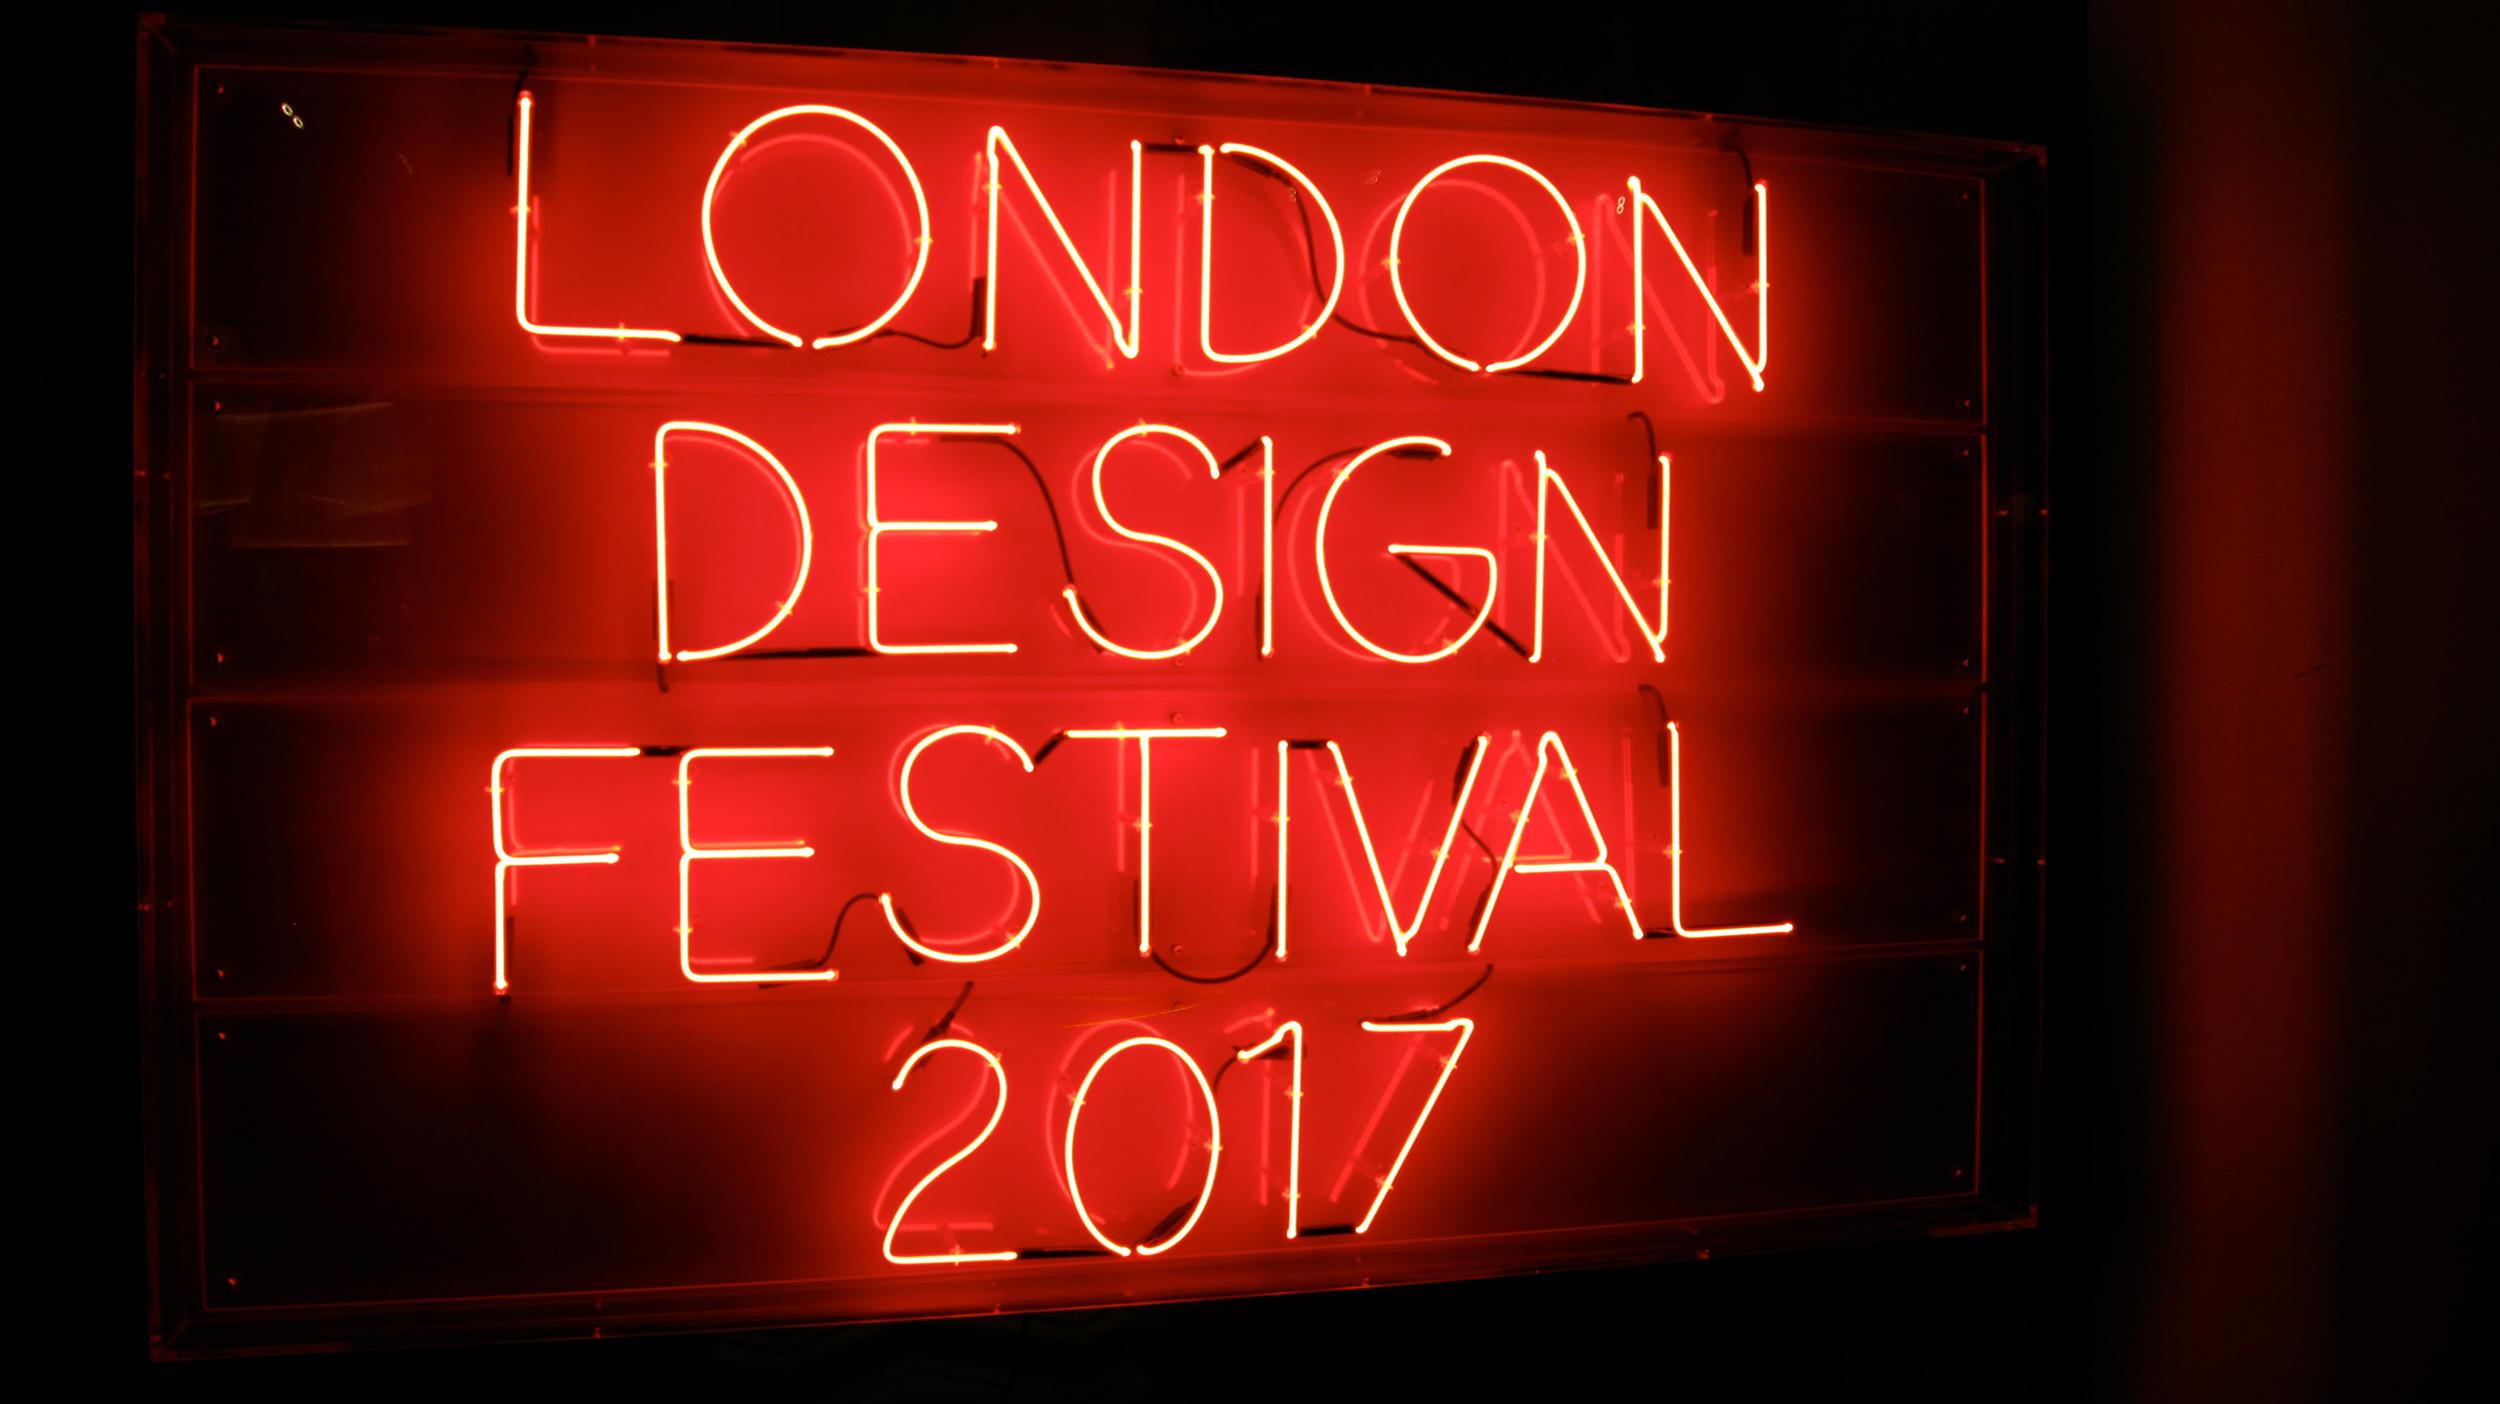 LDF17_London_Design_Festival_Sign_web_toitoitoiluv.jpg